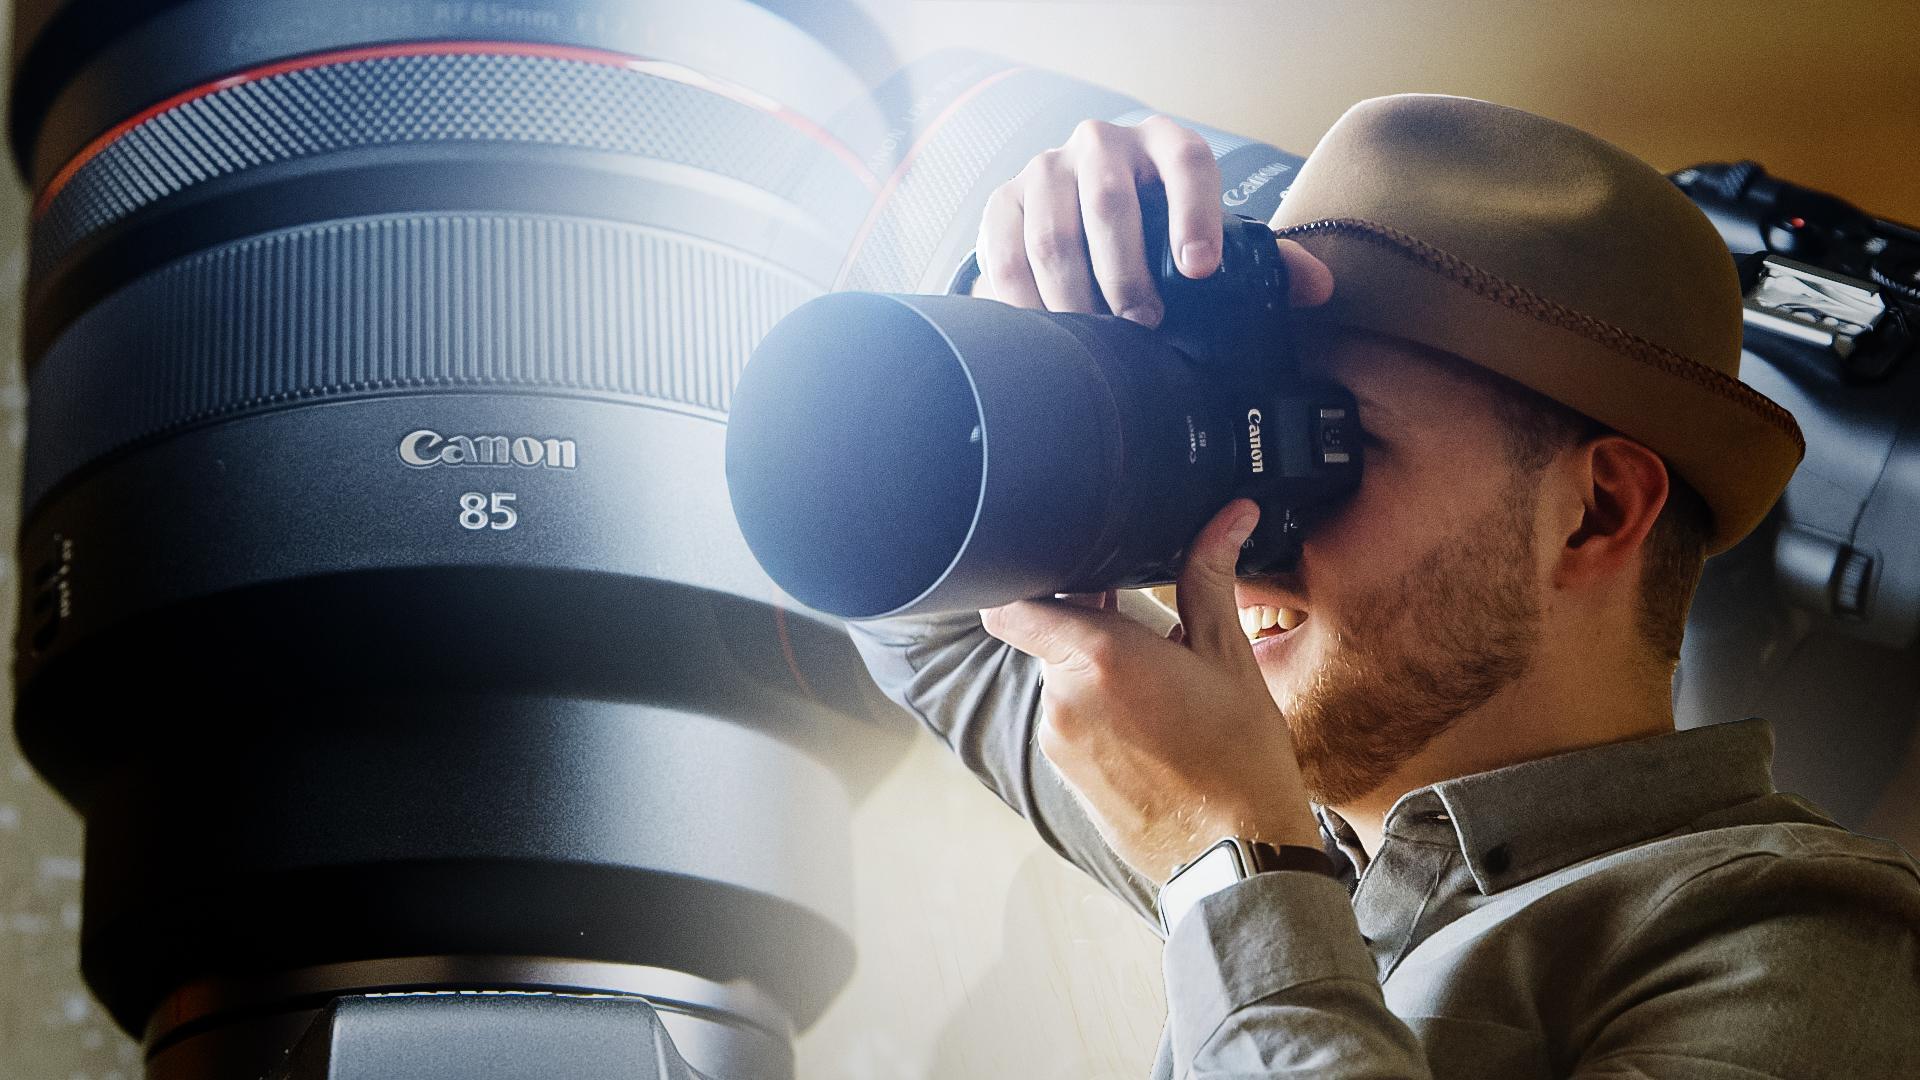 Canon giới thiệu ống kính RF85mm f/1.2L USM mới 6